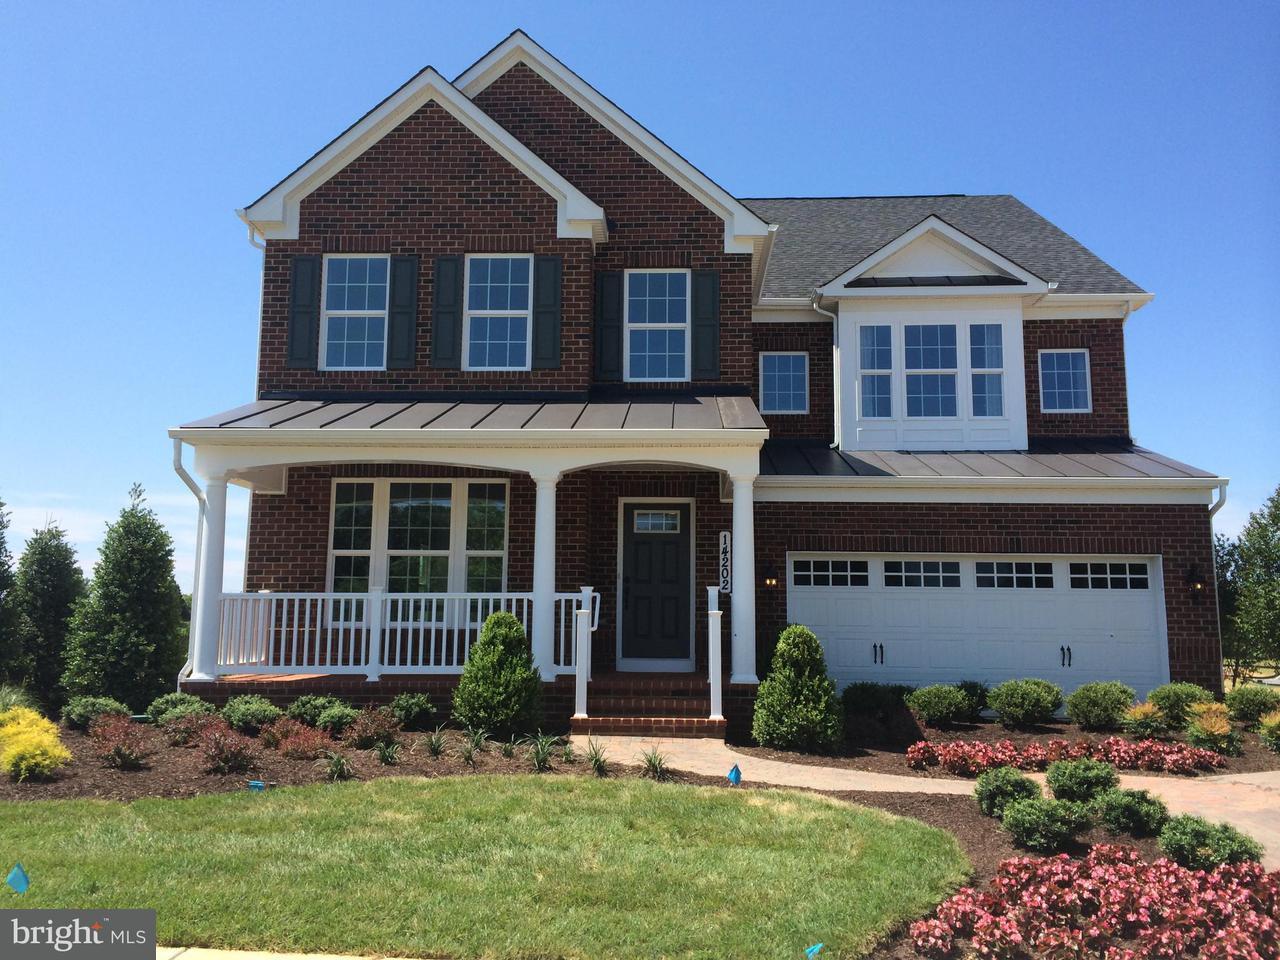 Einfamilienhaus für Verkauf beim 2467 VINEYARD SPRINGS 2467 VINEYARD SPRINGS Ellicott City, Maryland 21043 Vereinigte Staaten